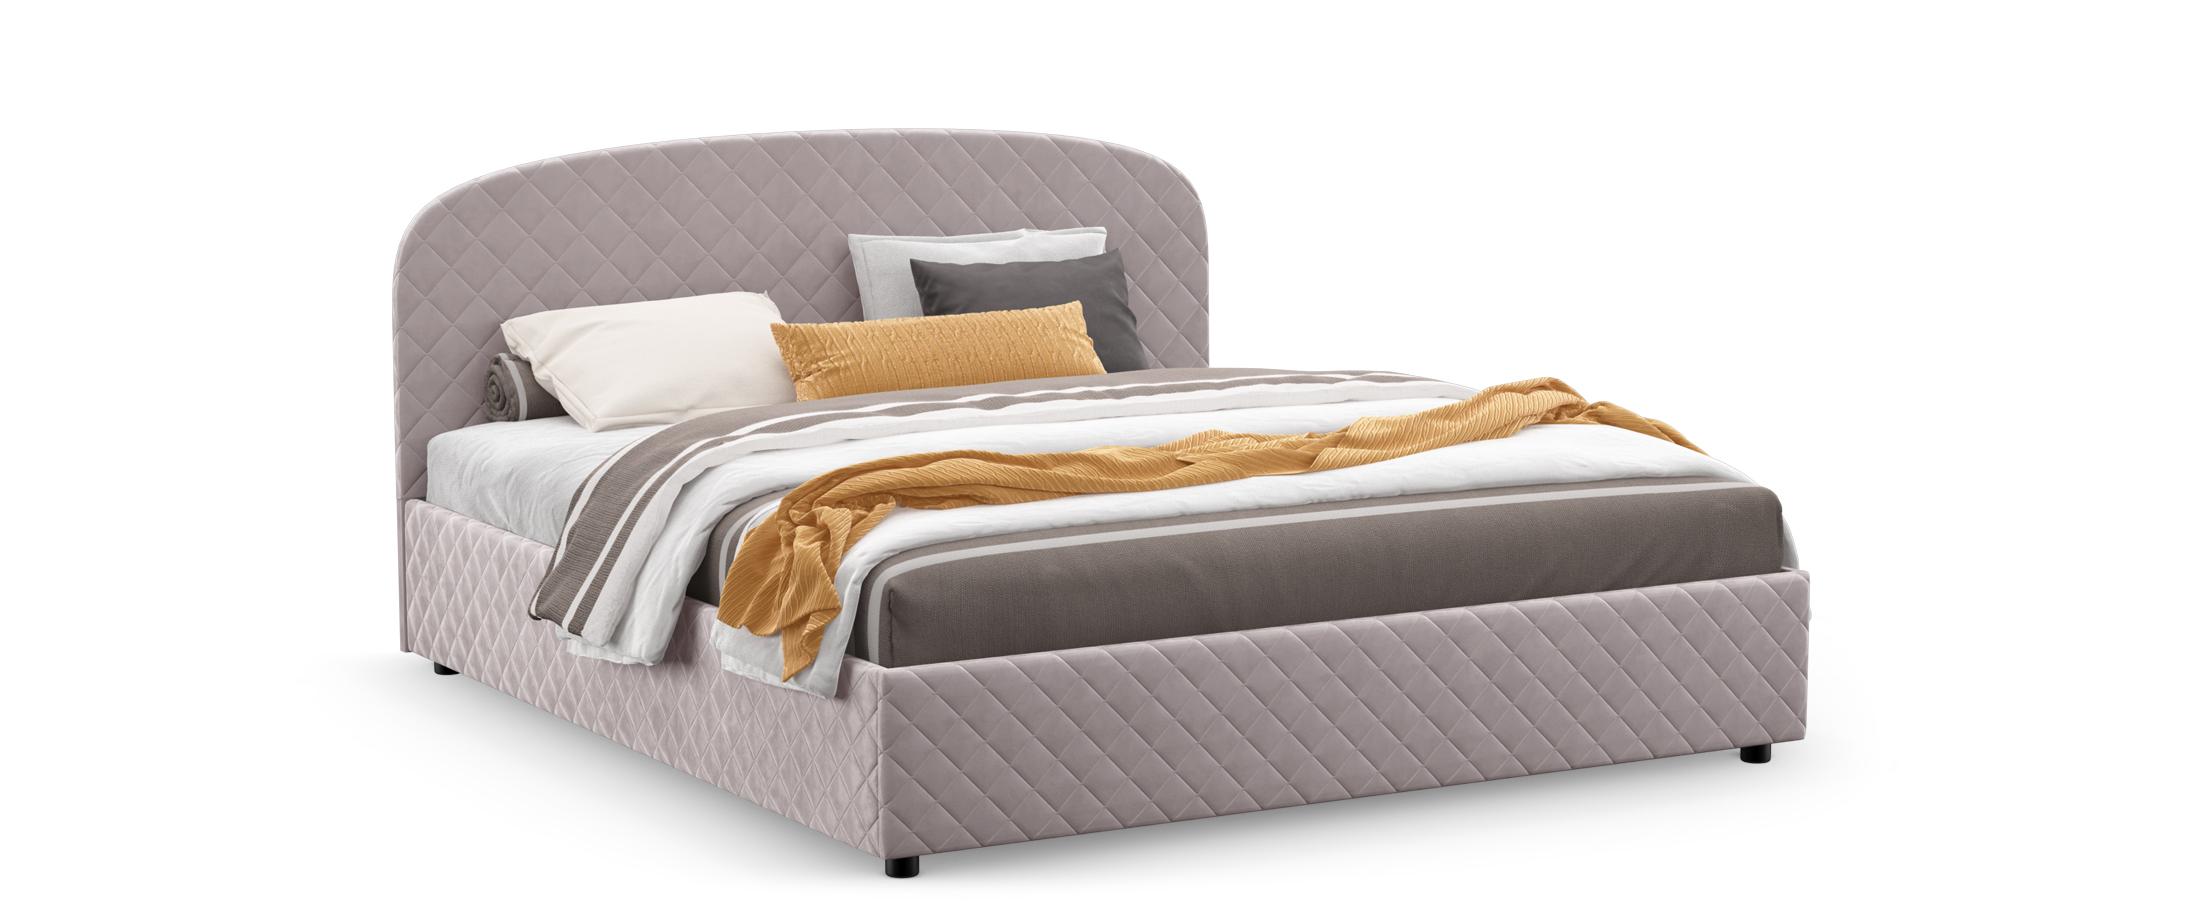 Кровать двуспальная Allegro New 180х200 Модель 1224 фото